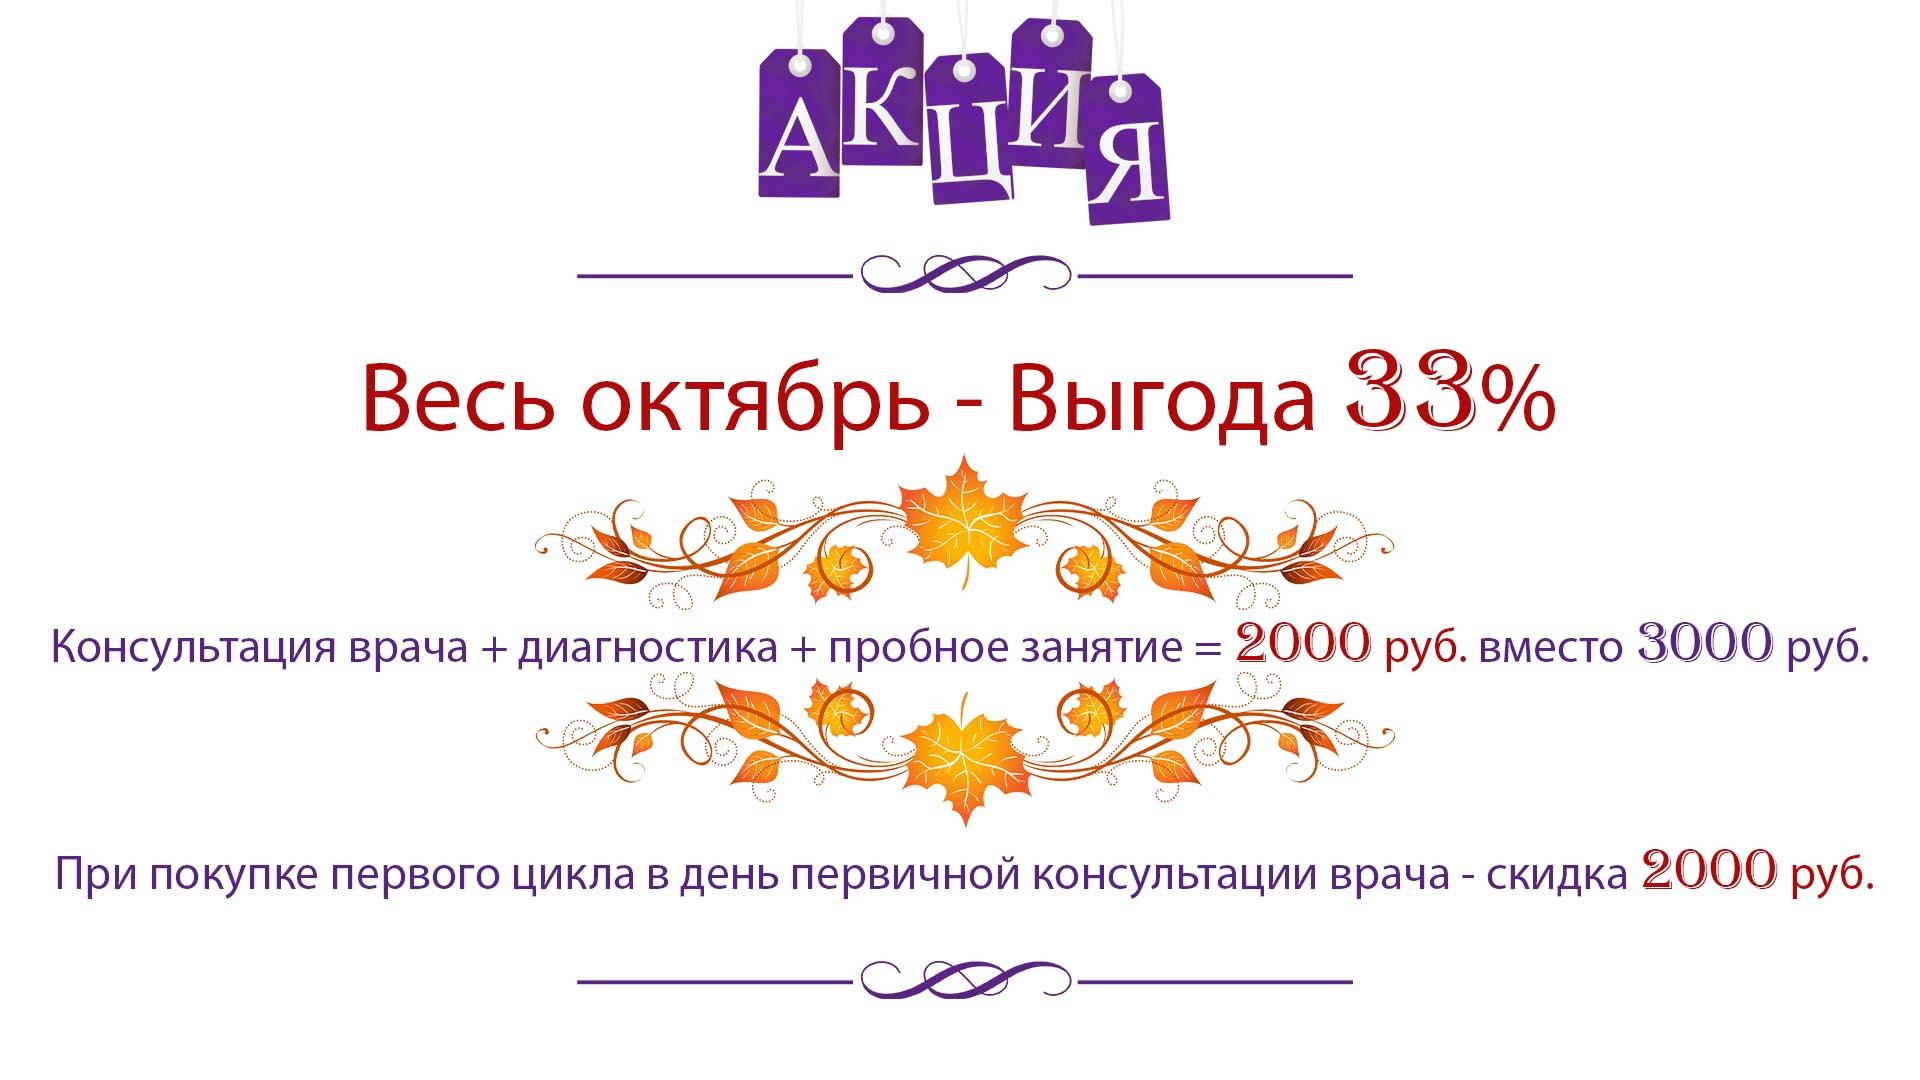 Центр доктора Бубновского на Каширке